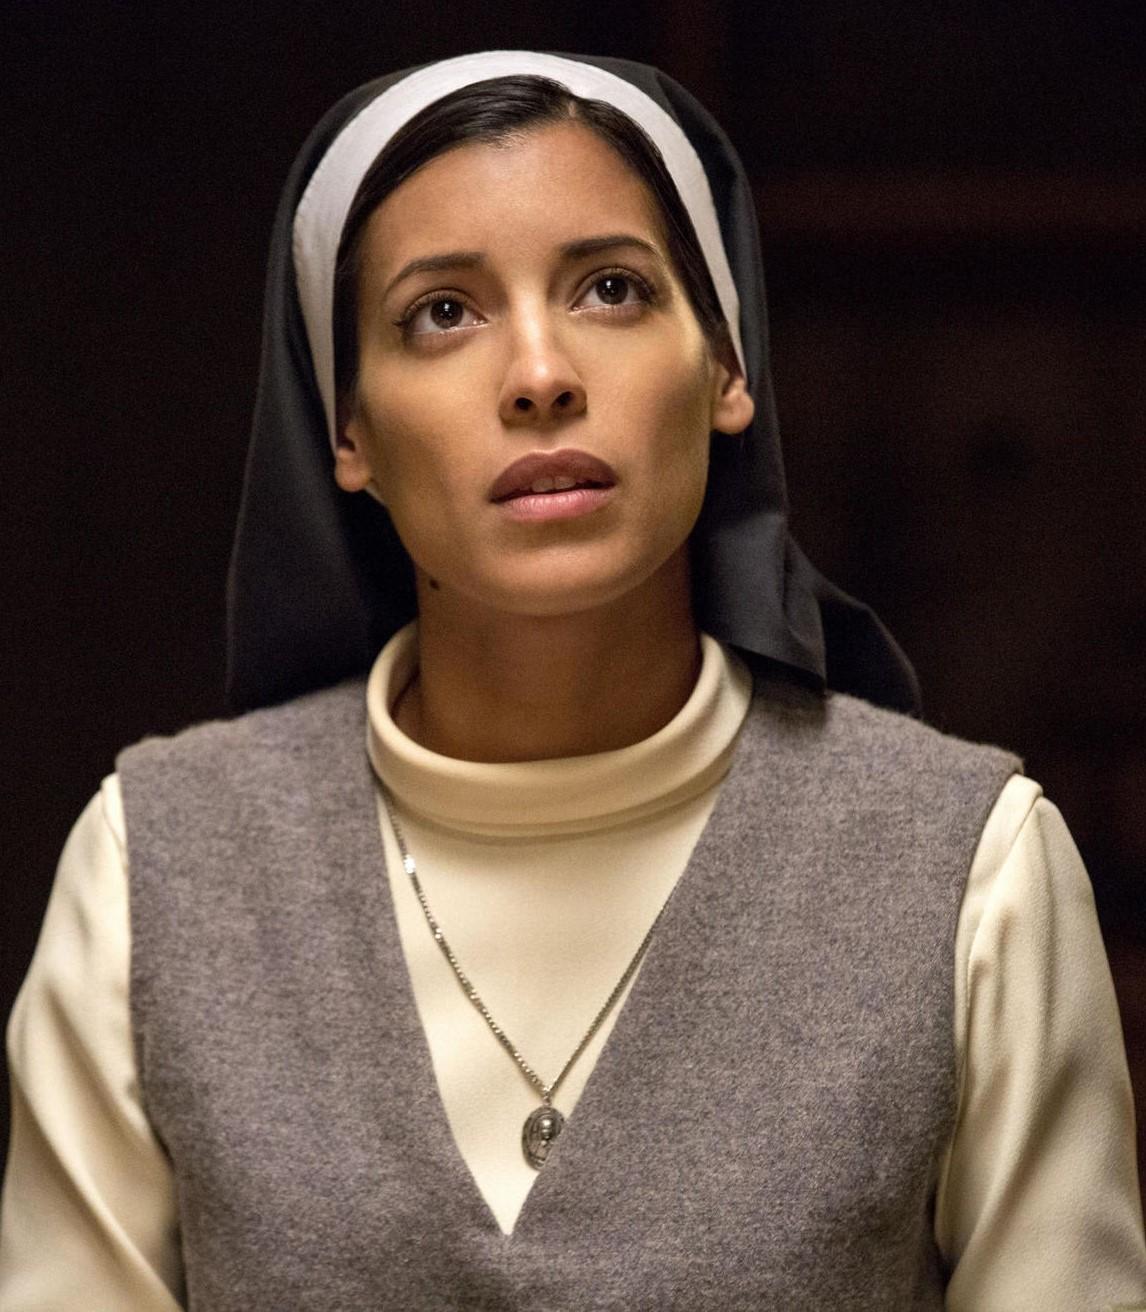 Sister Charlotte